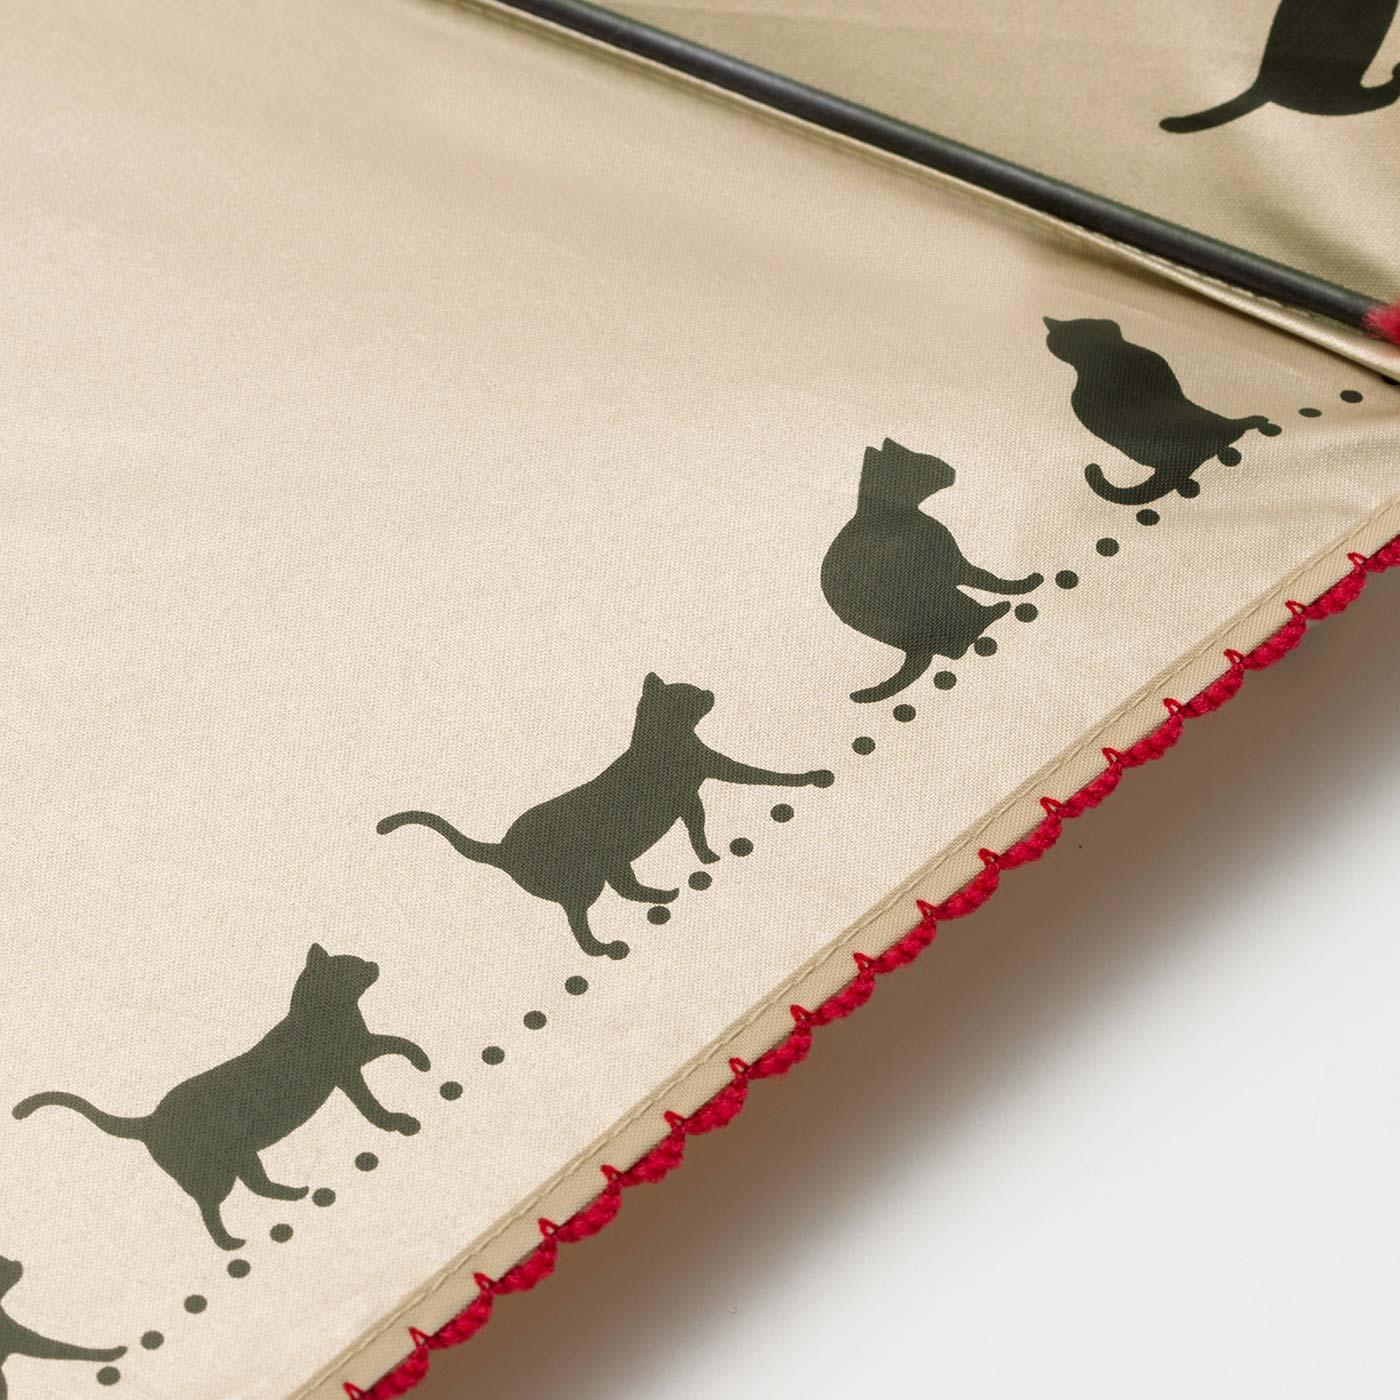 お散歩猫のシルエットを内側にプリント。赤いピコレースの縁取りもかわいい!